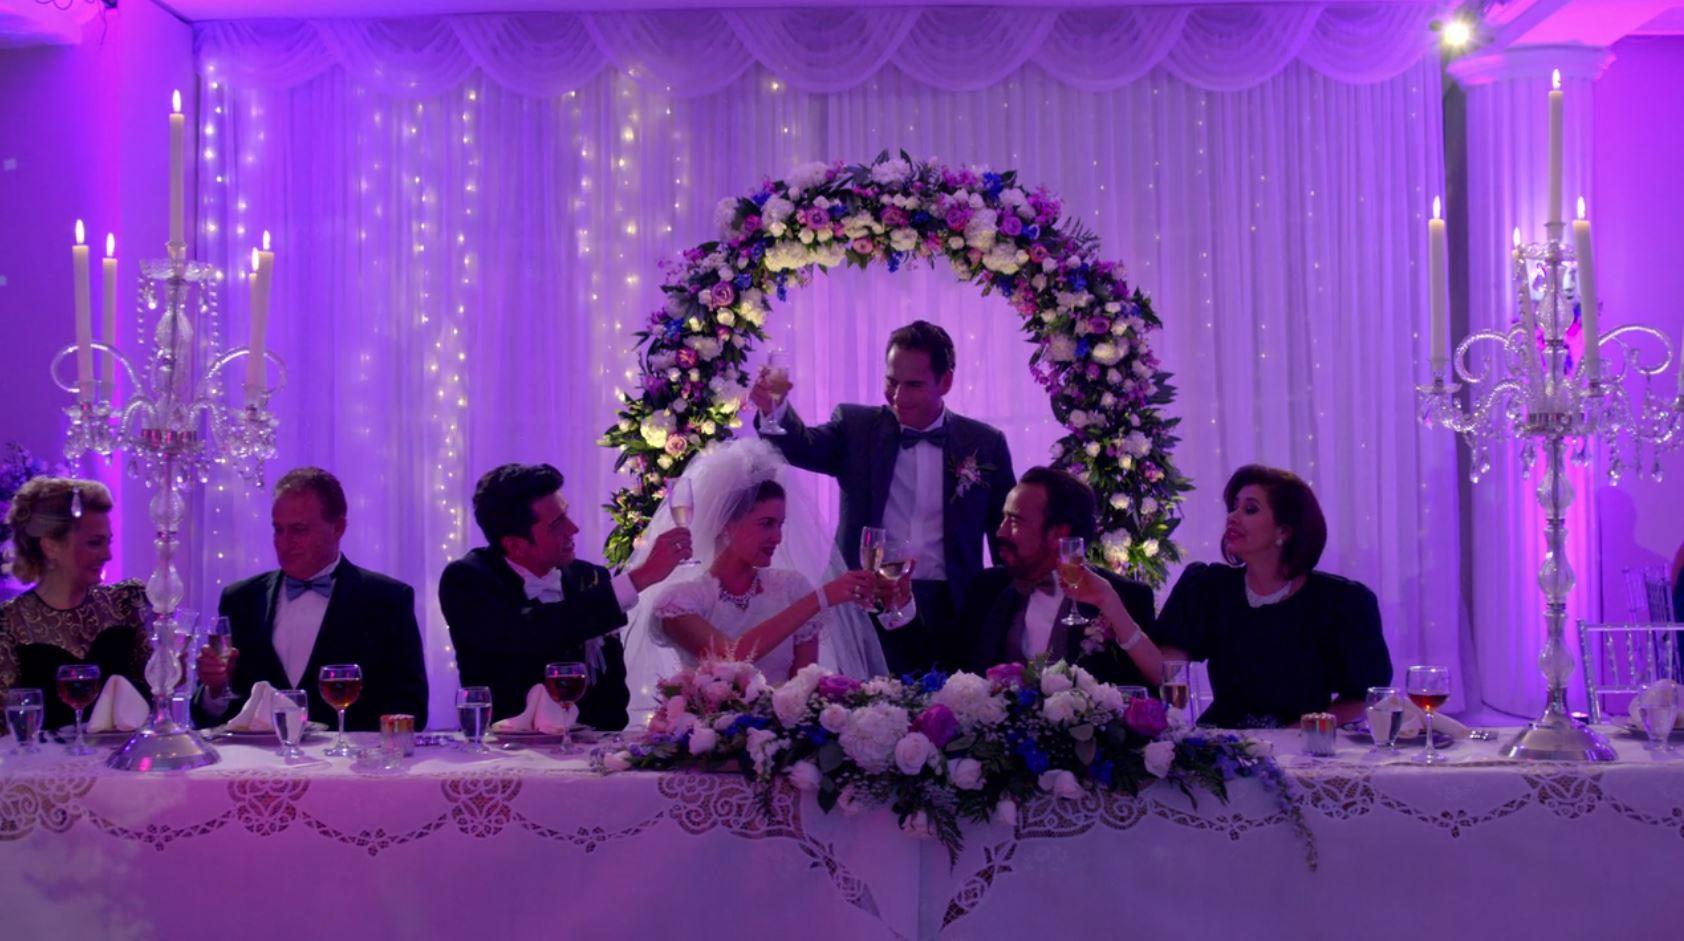 La boda de la hija de Gilberto Rodríguez Orejuela